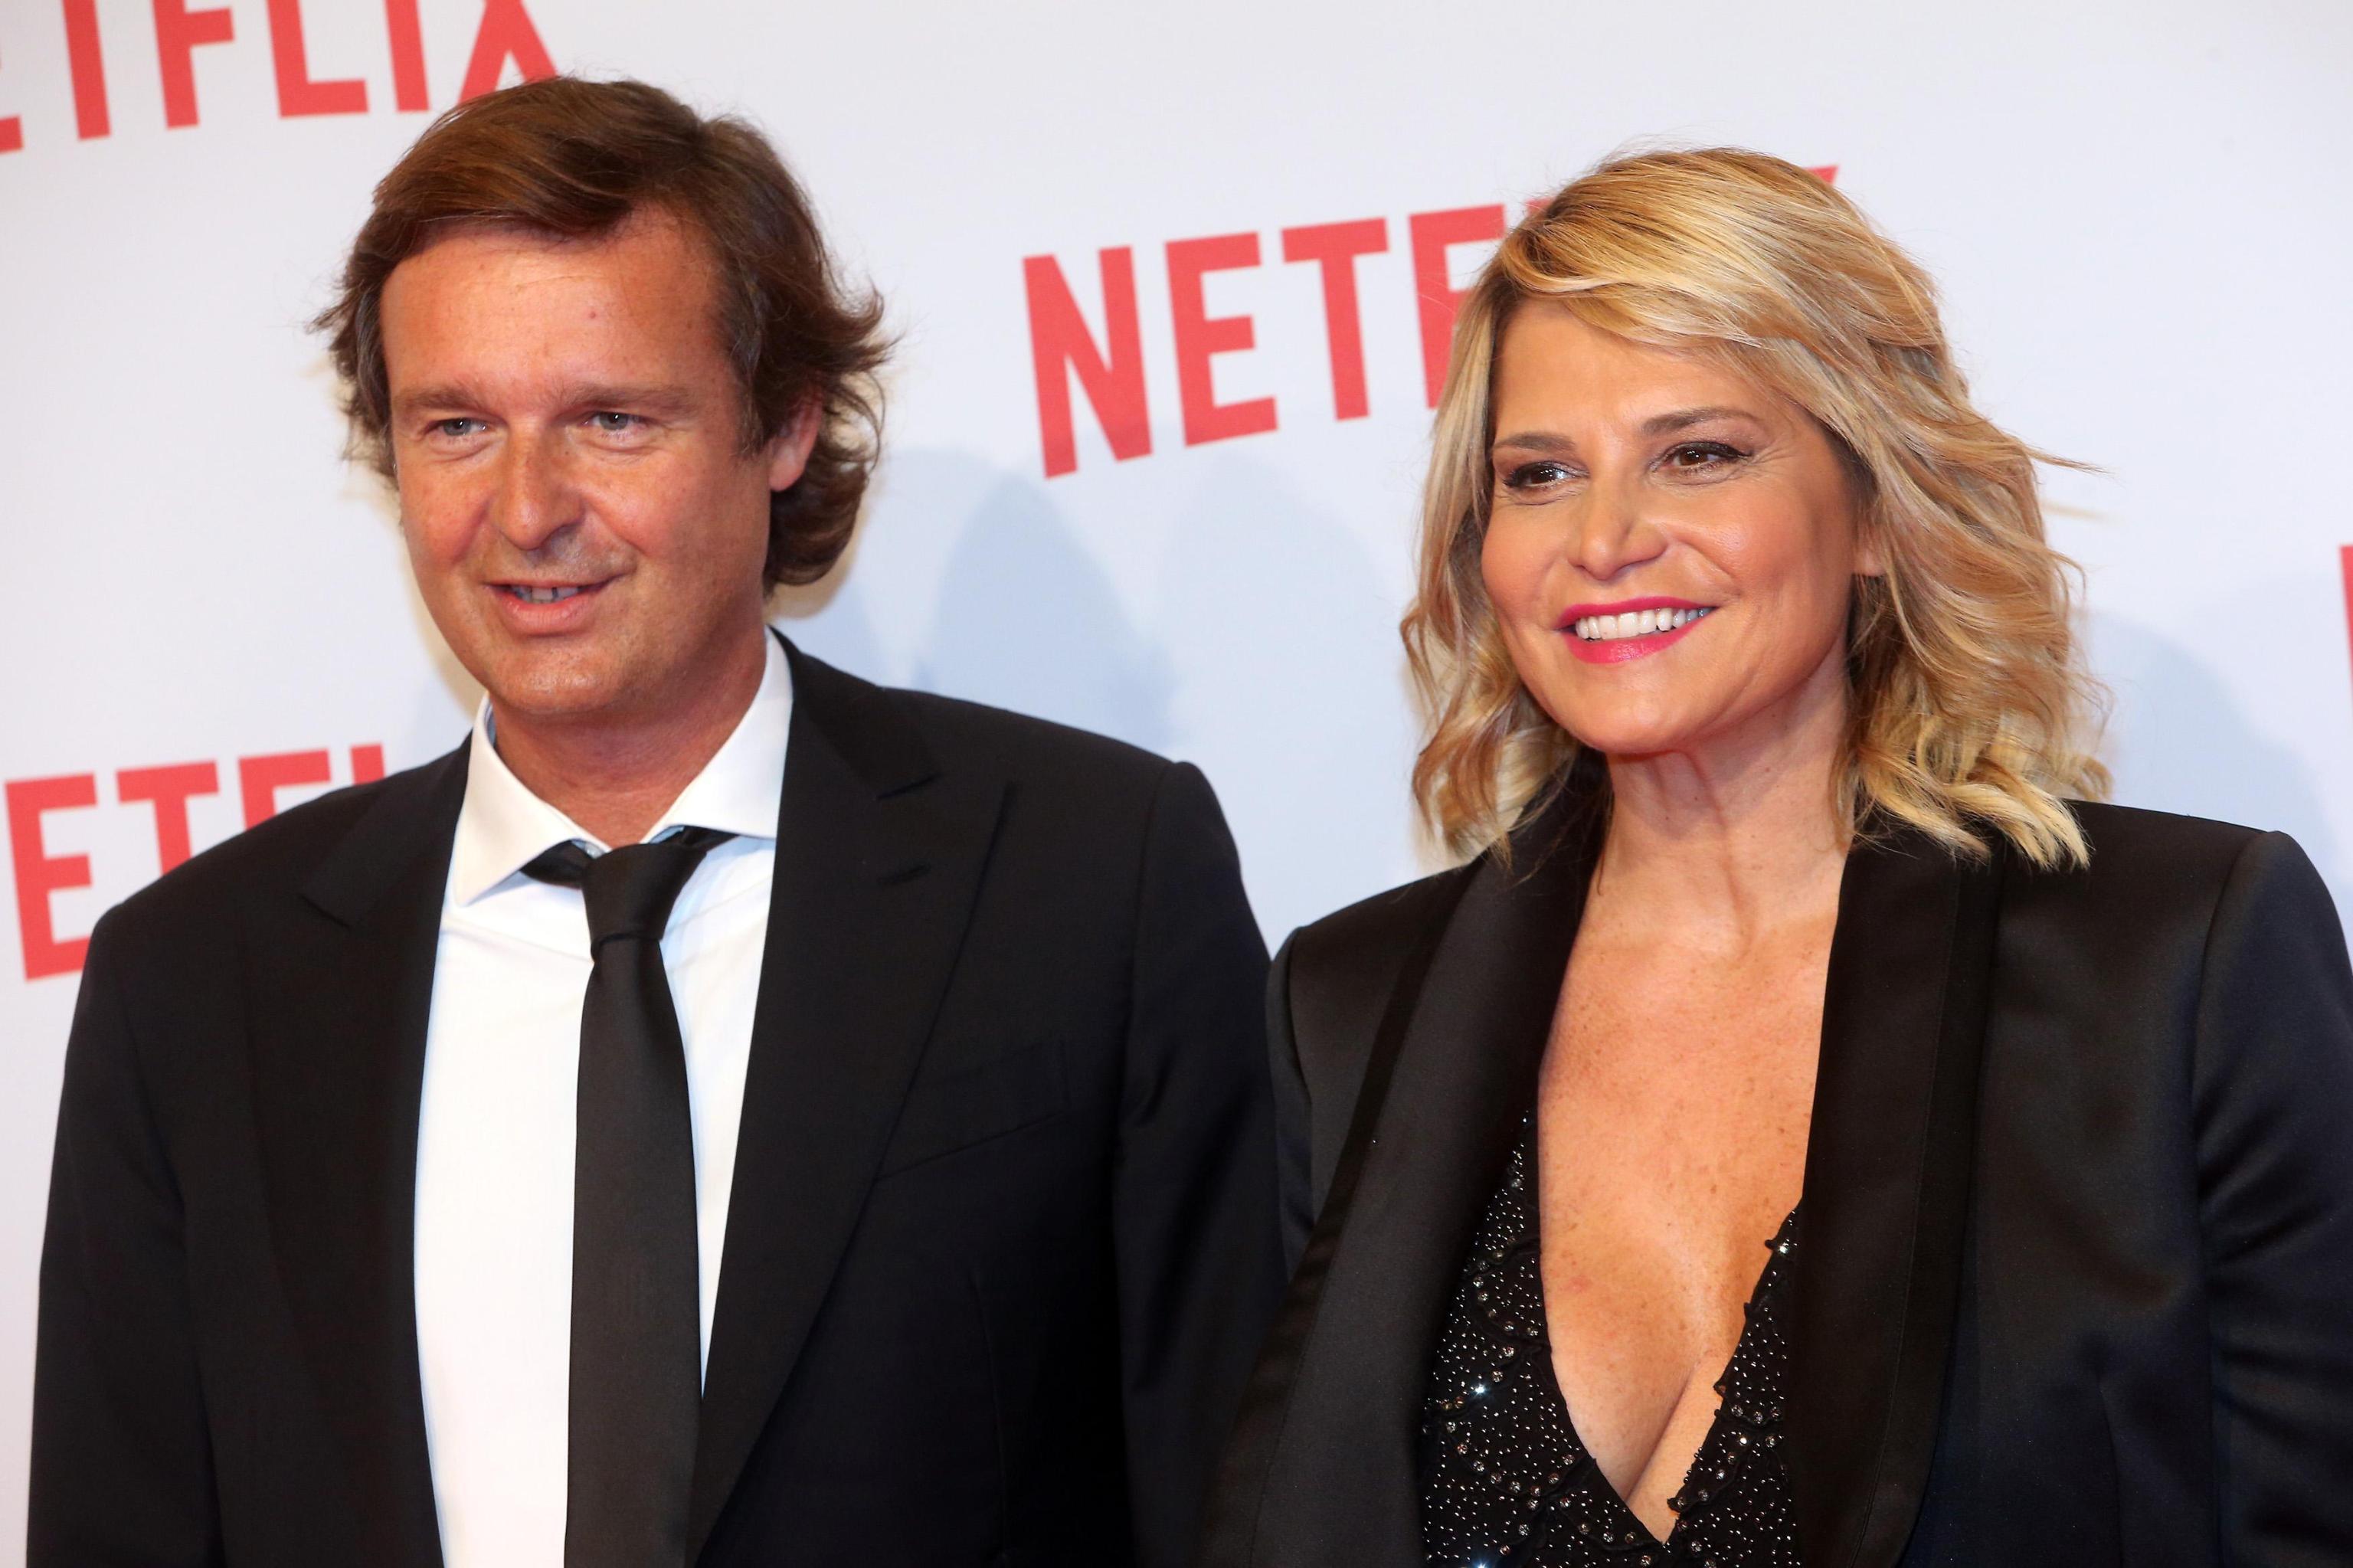 Simona Ventura sull'addio a Gerò Carraro: 'Il dramma di Niccolò è stato decisivo'